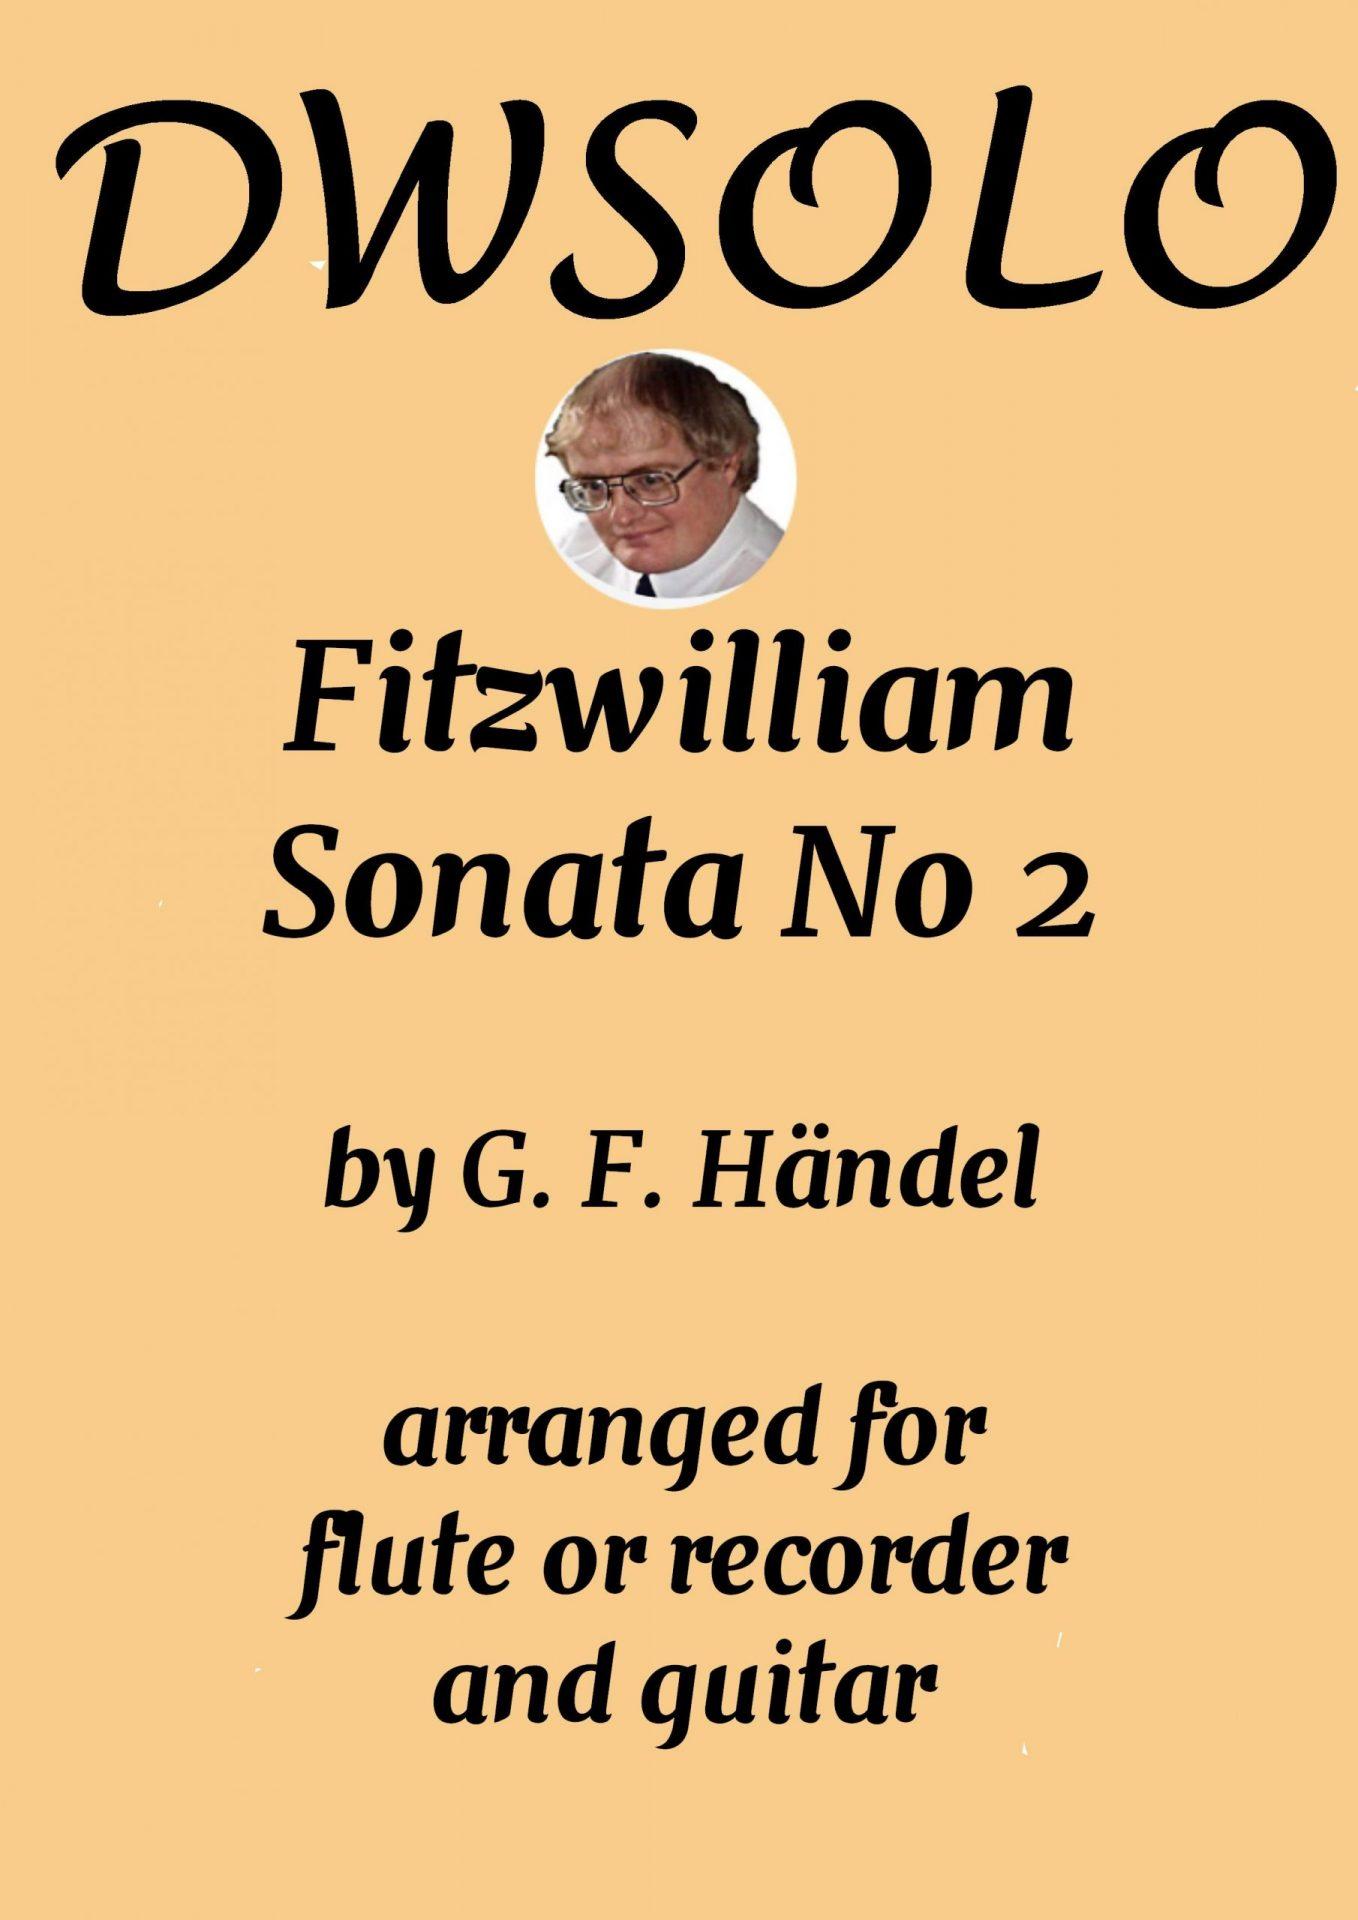 Fitzwilliam Sonata No 2 for alto recorder or flute with guitar accompaniment